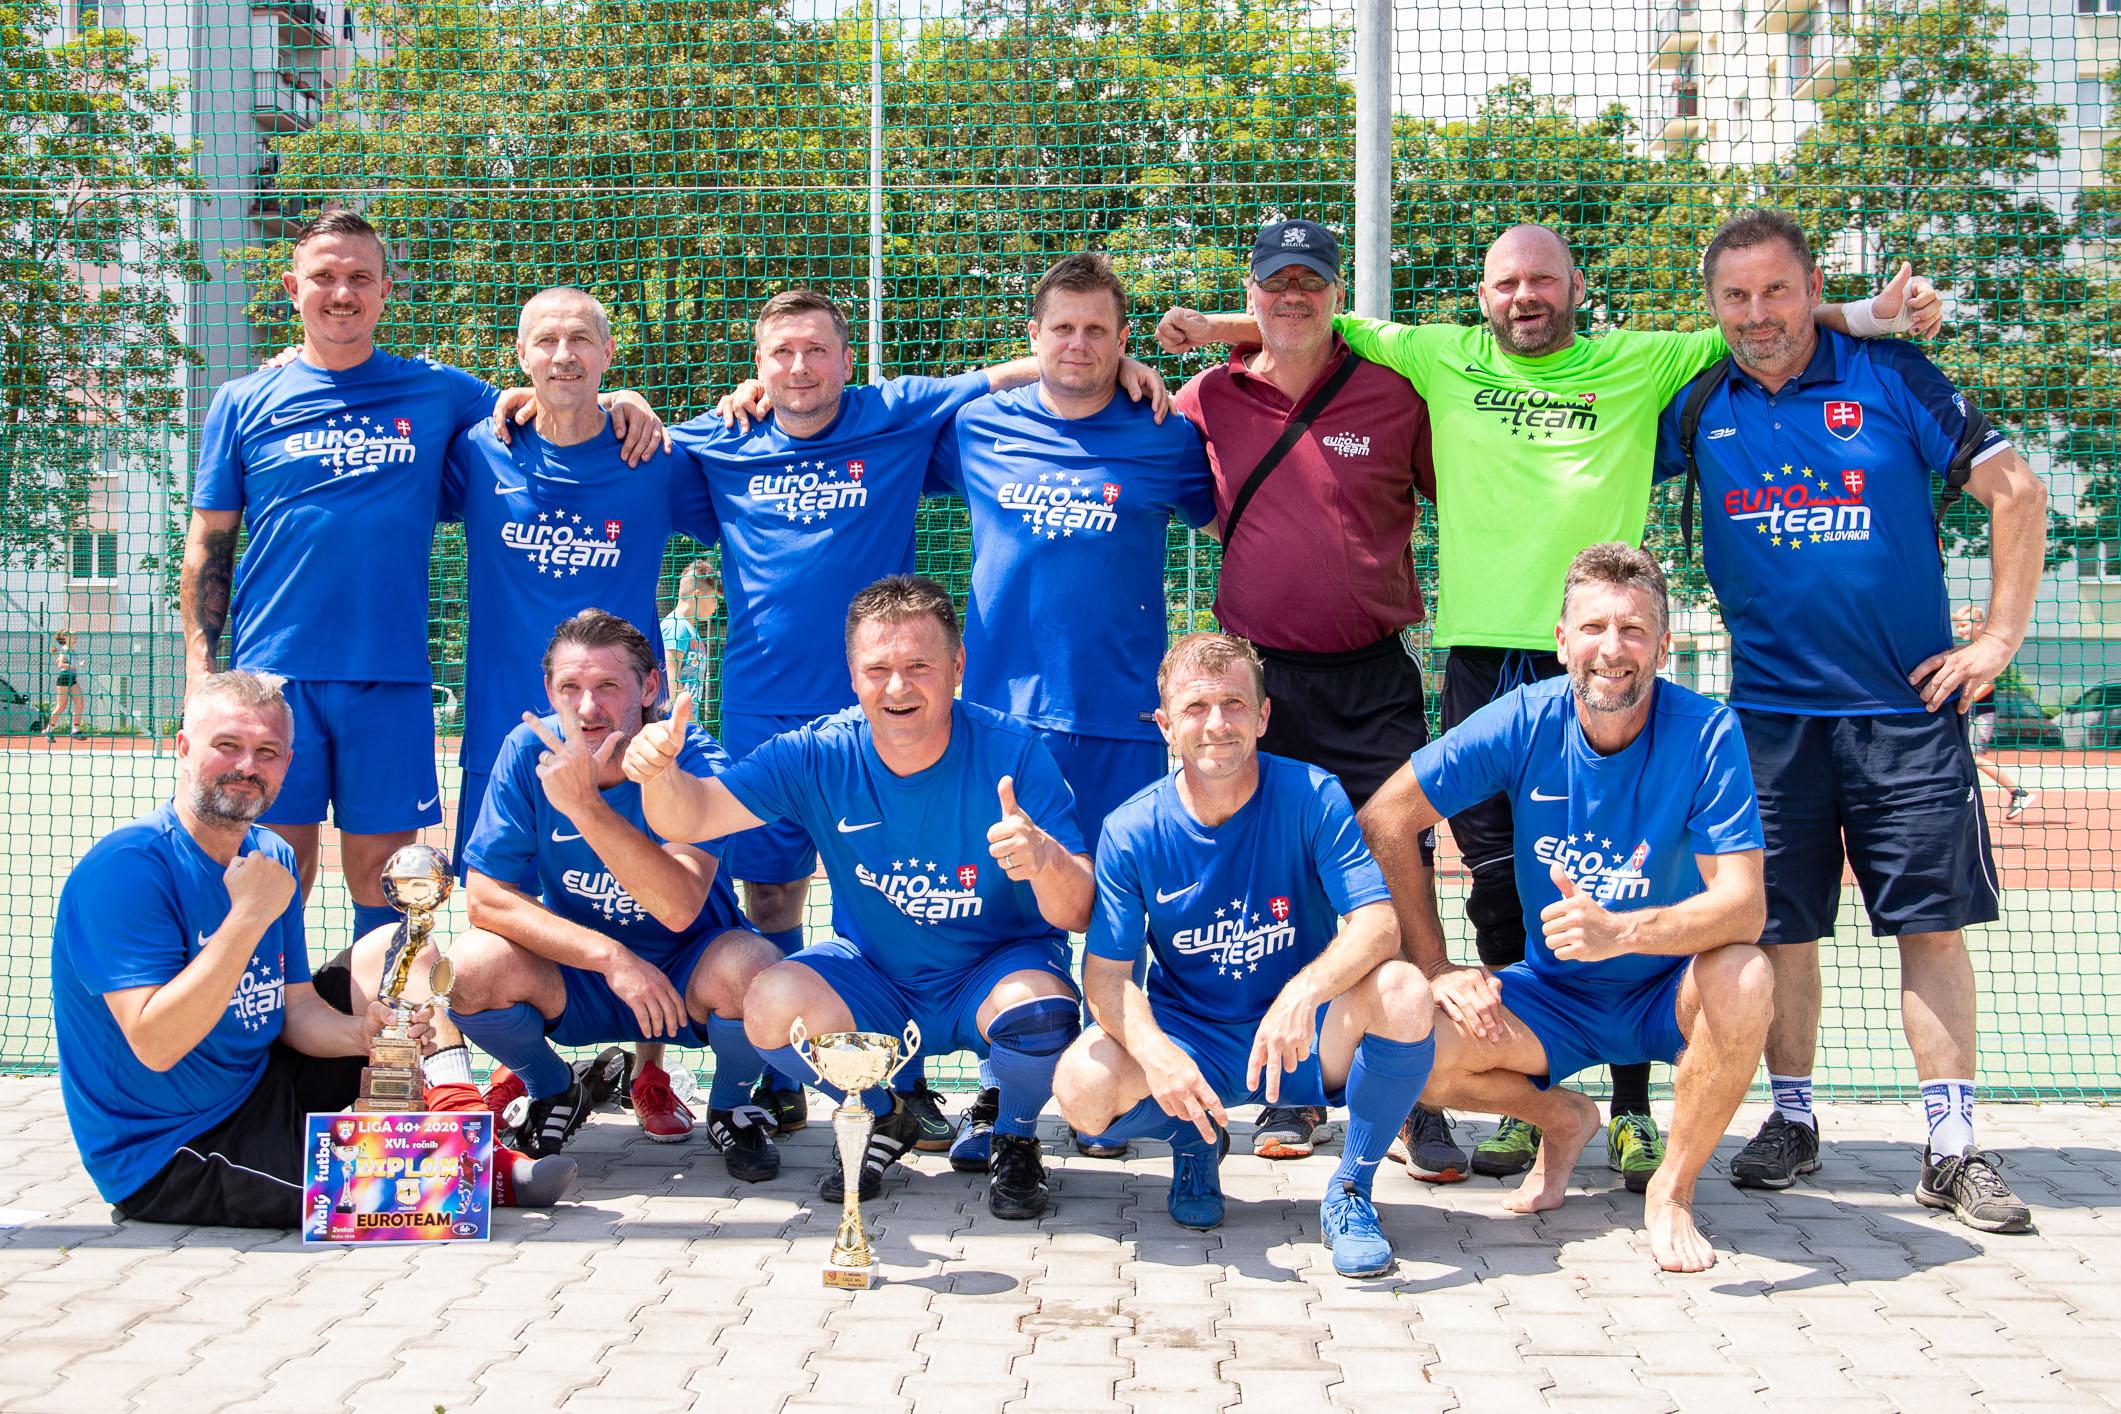 euroteam-2020